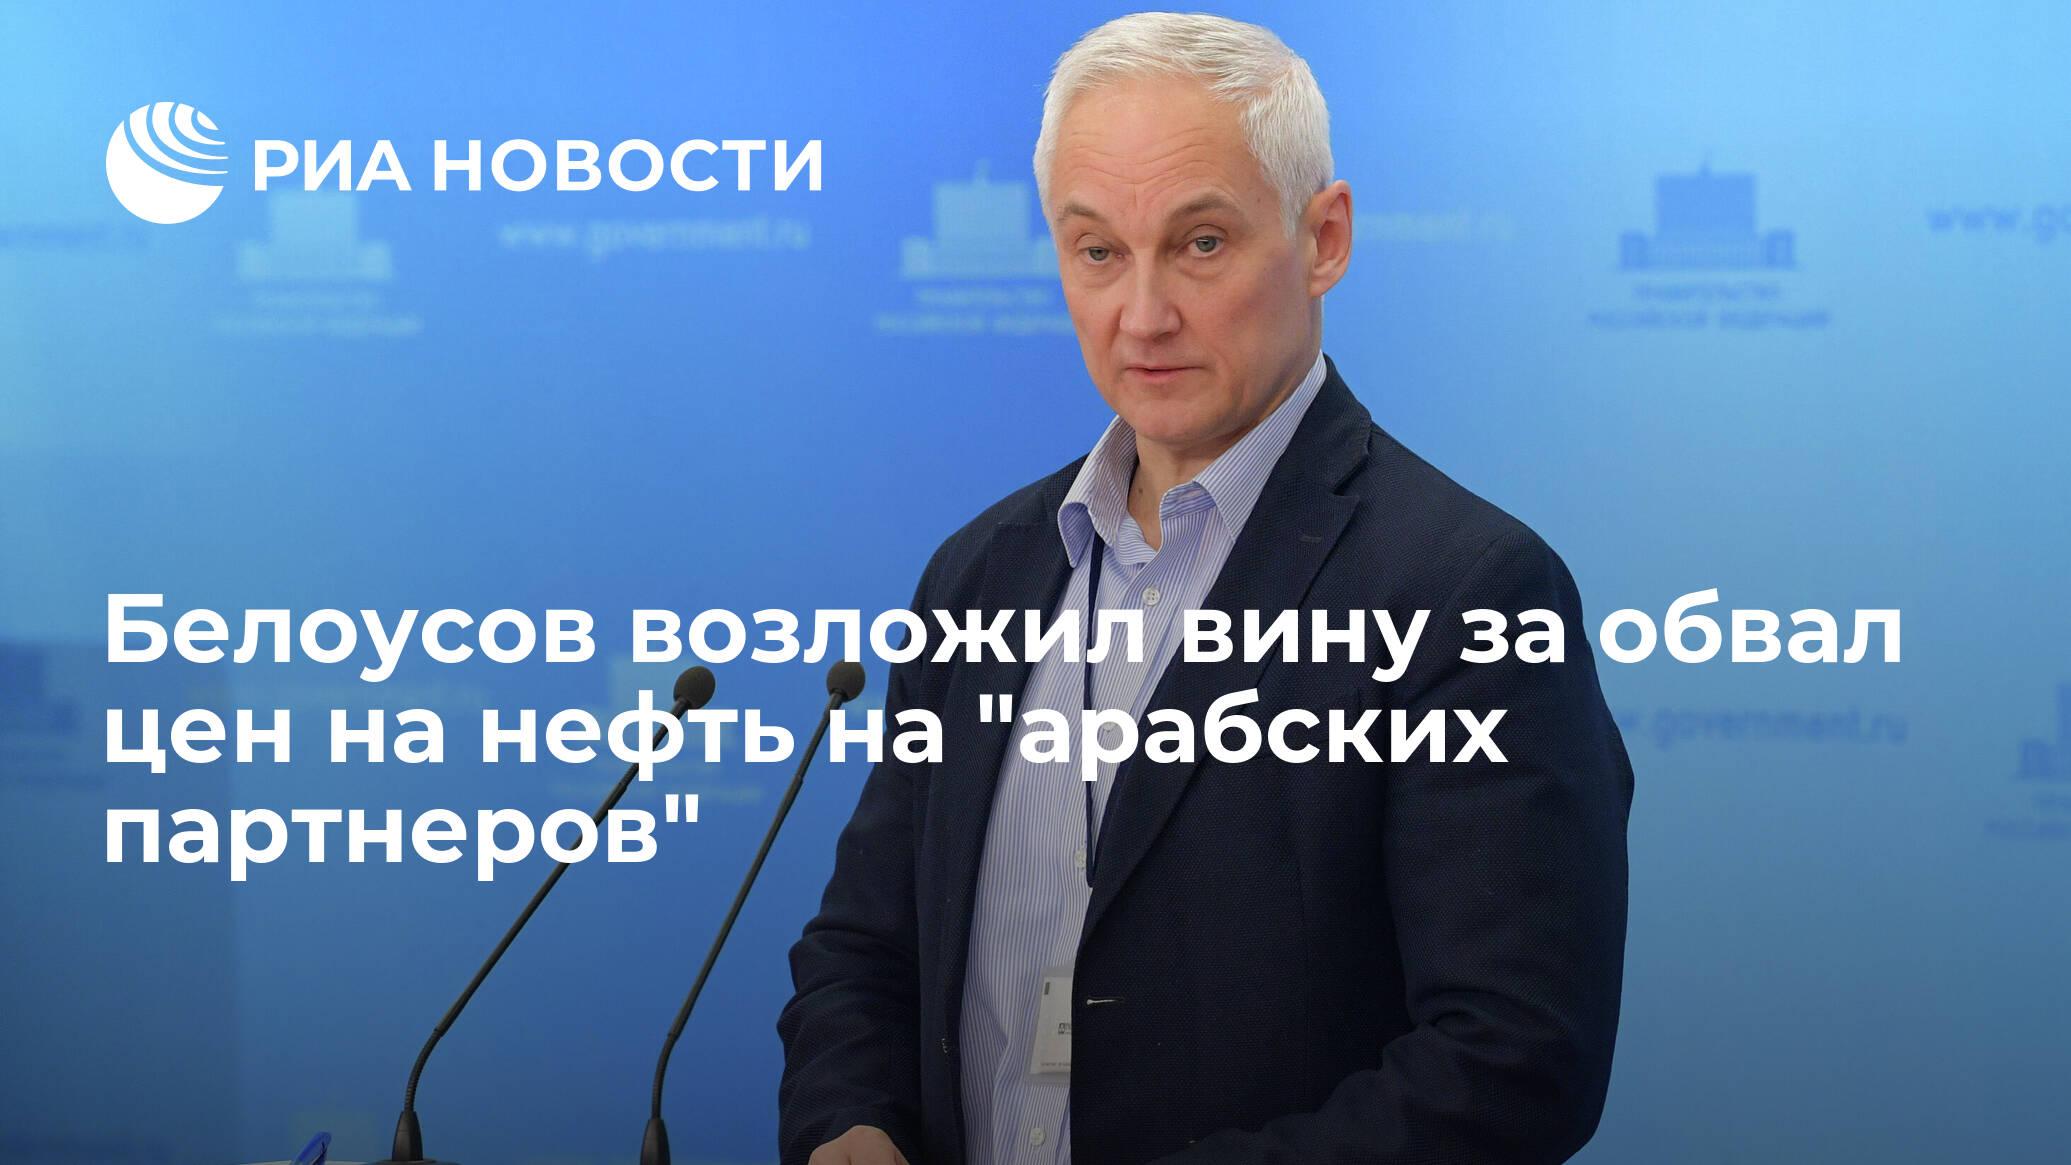 Белоусов назвал обвал цен на нефть «инициативой арабских партнеров» [В России]